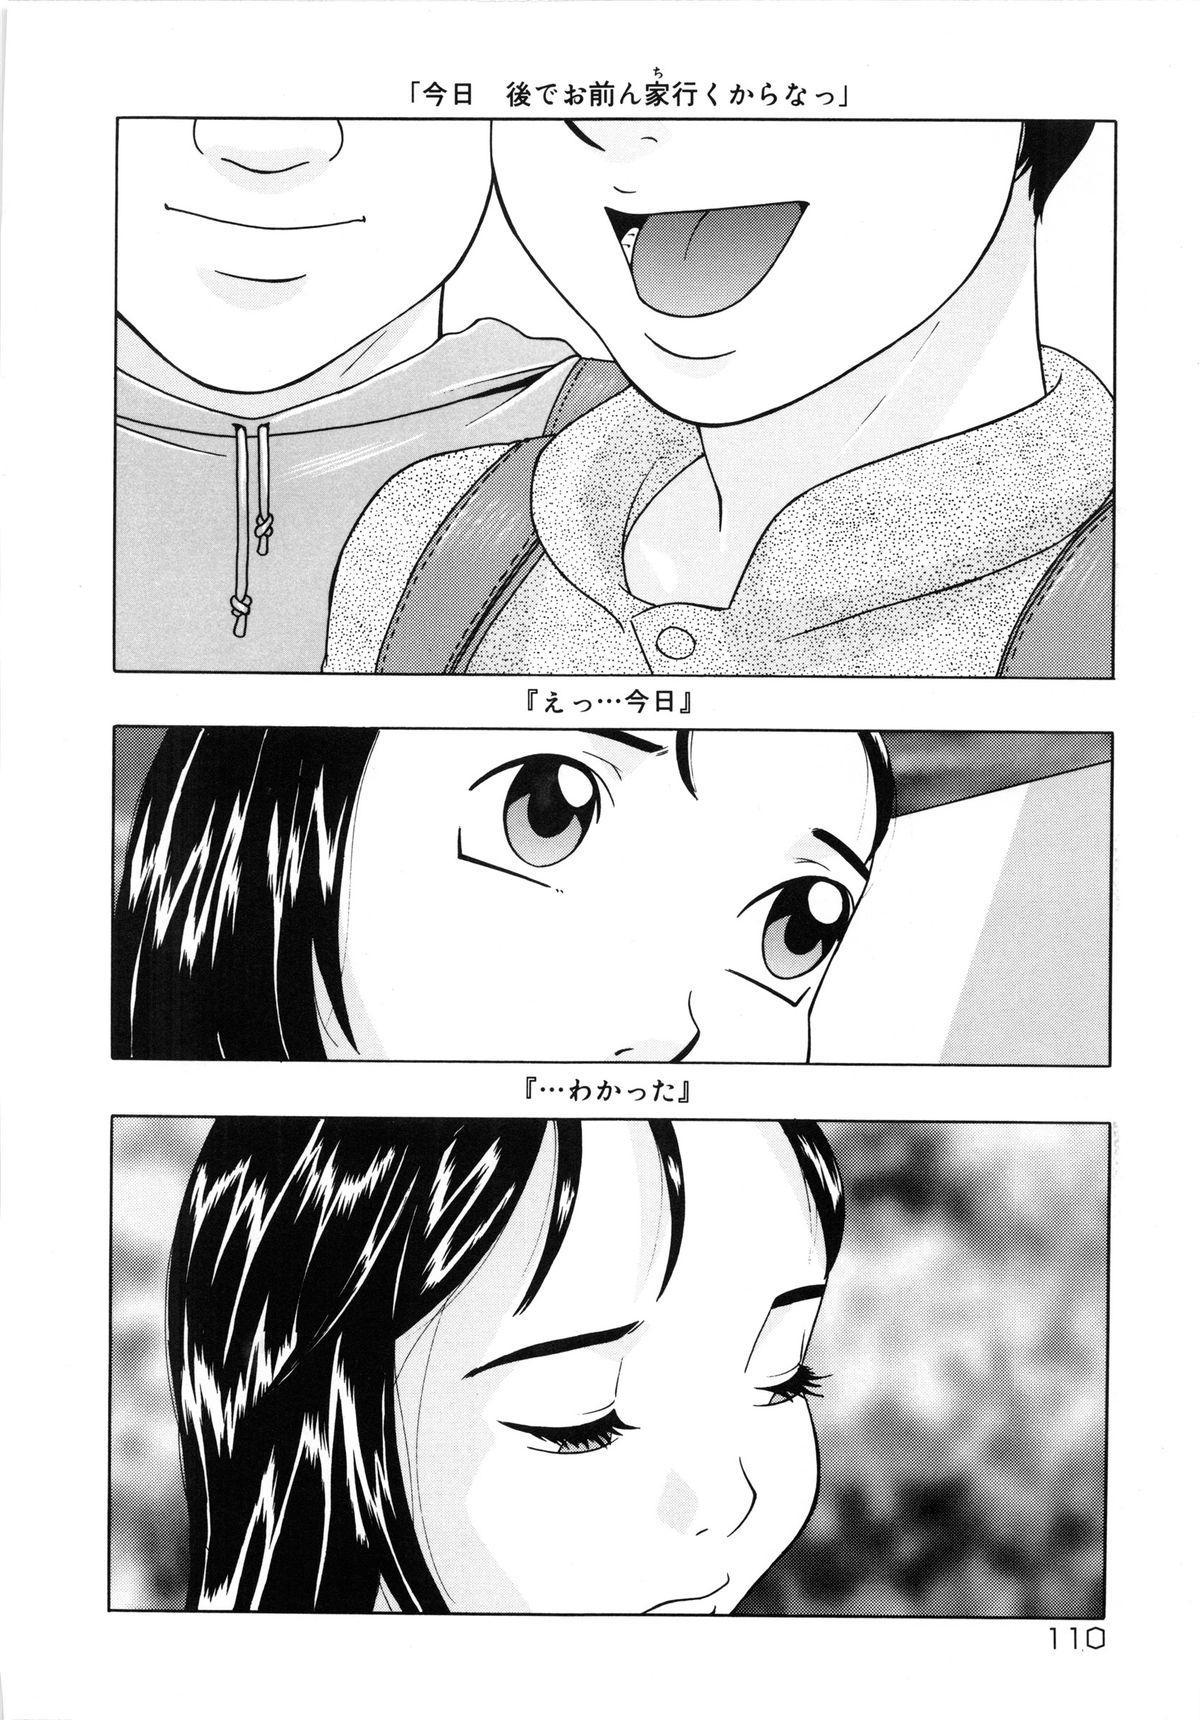 Shoukoujo 3 110